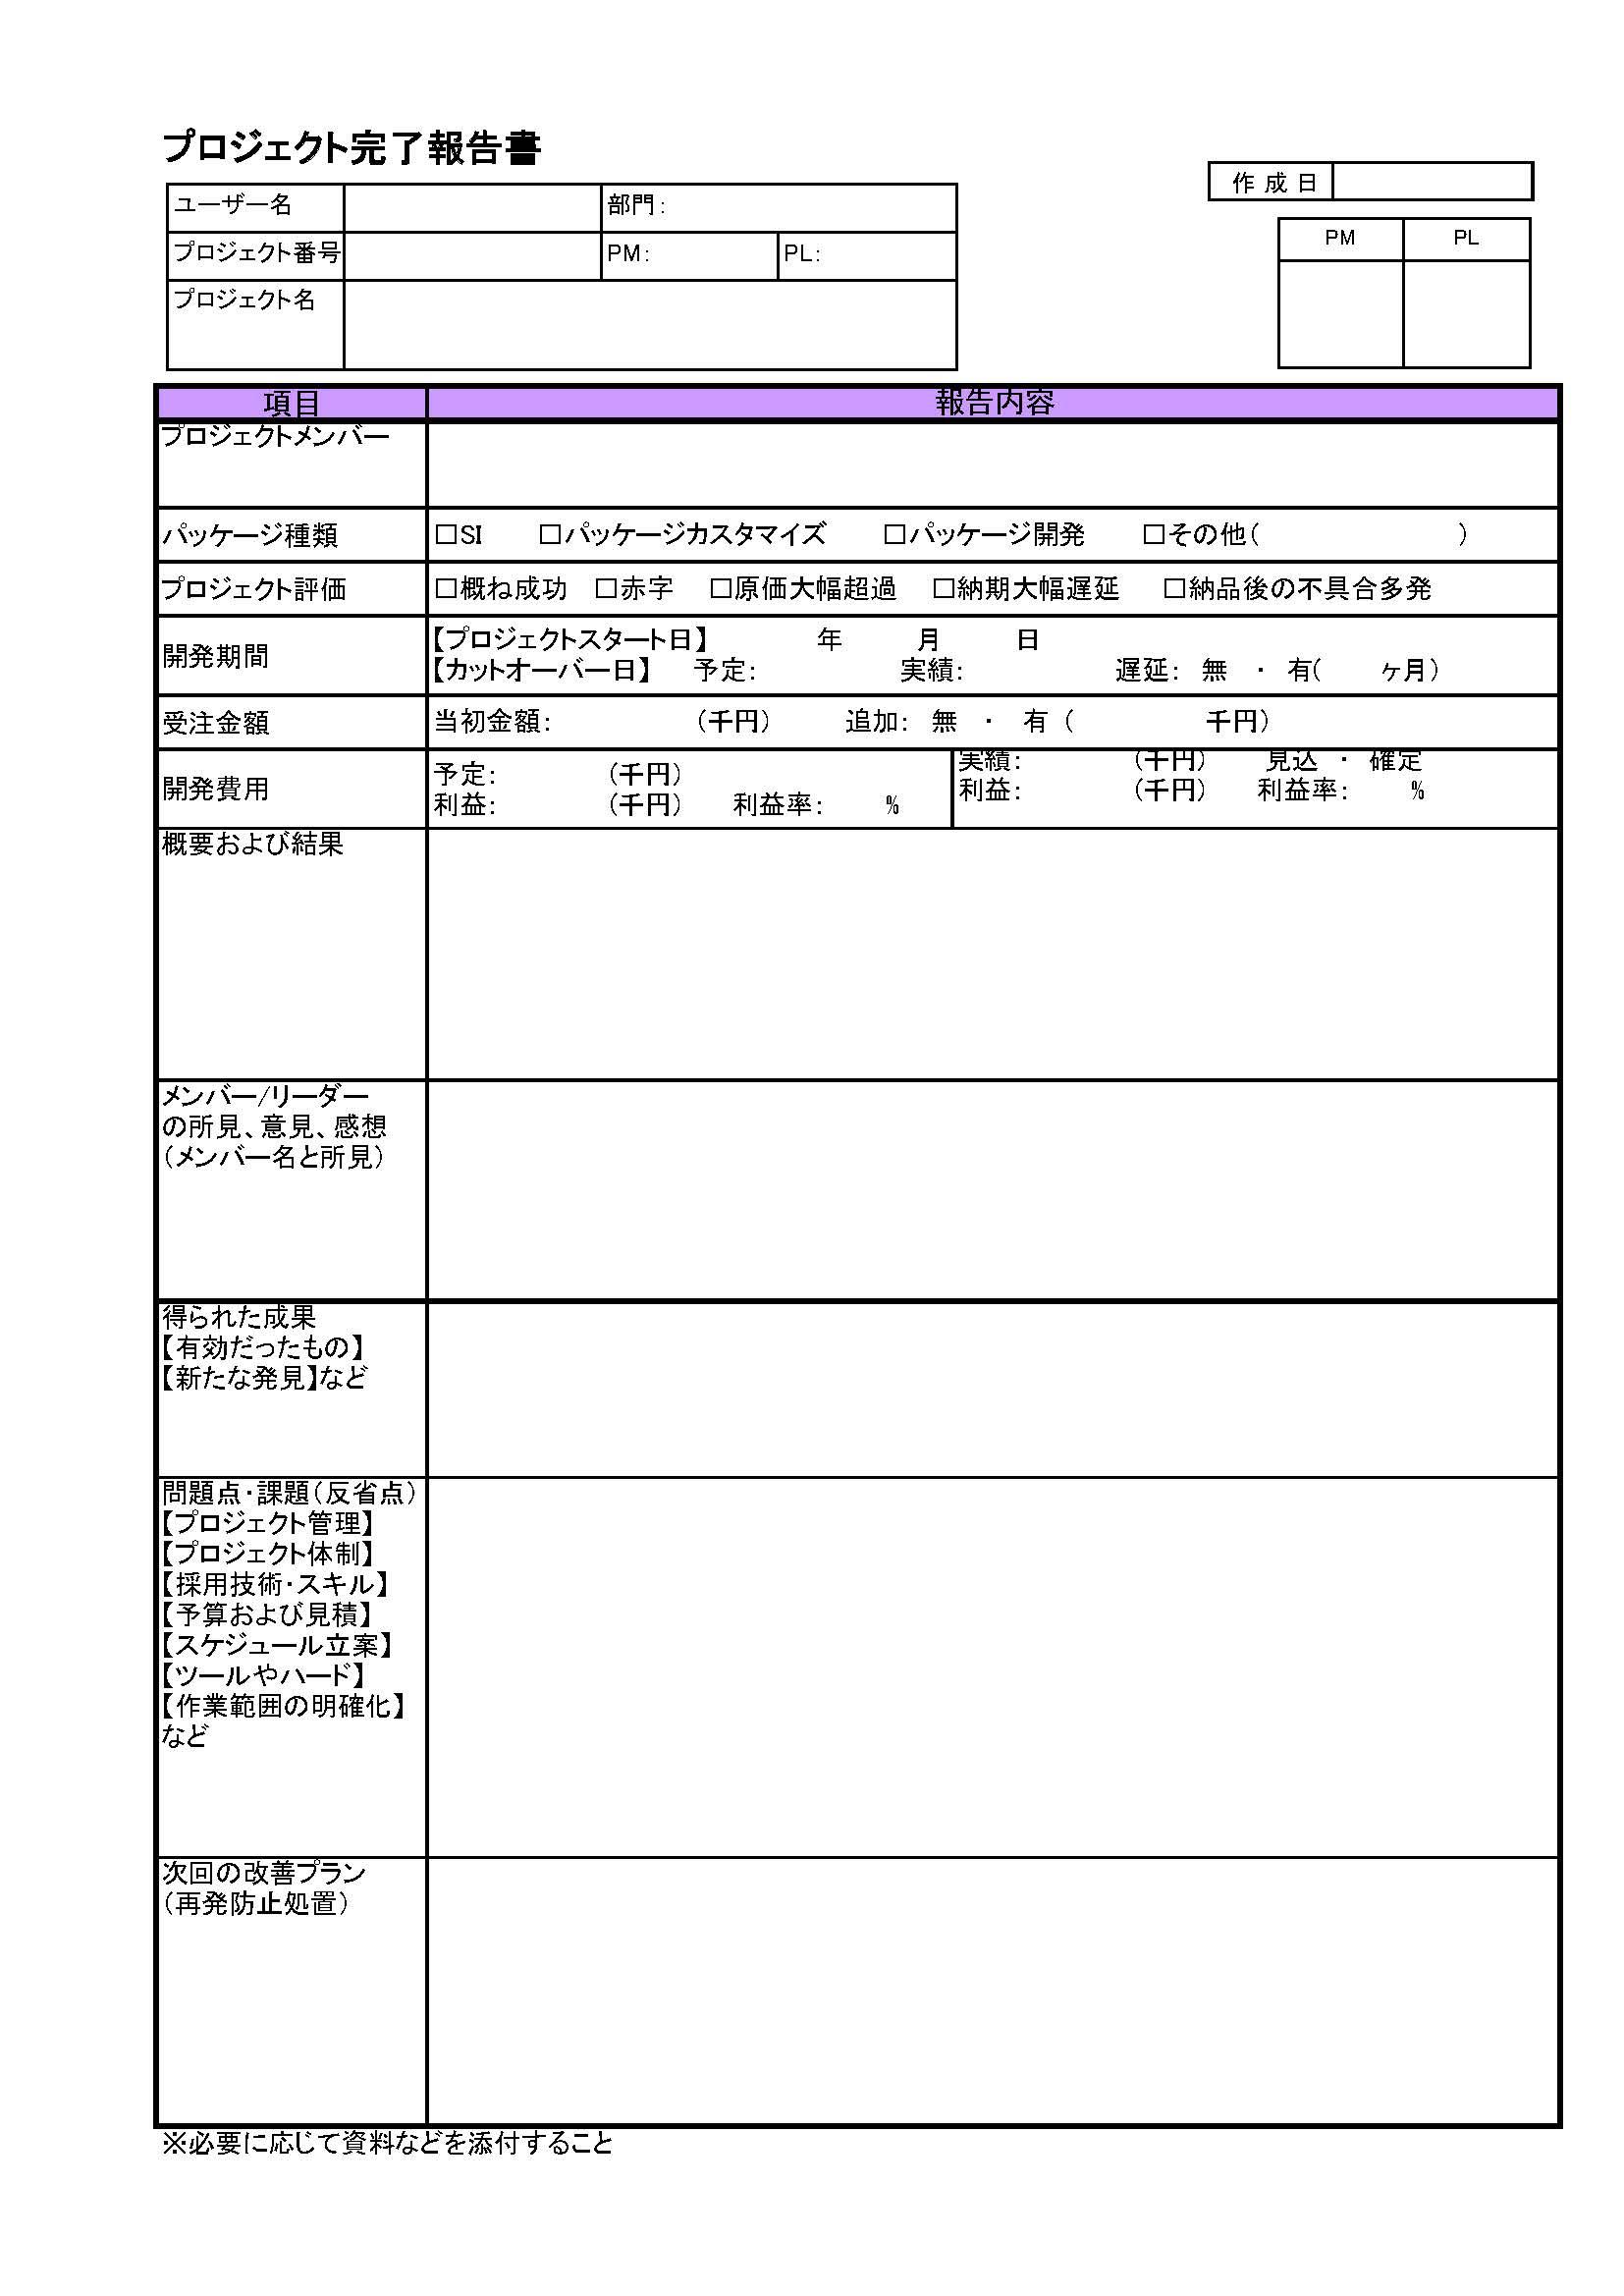 プロジェクト完了報告書